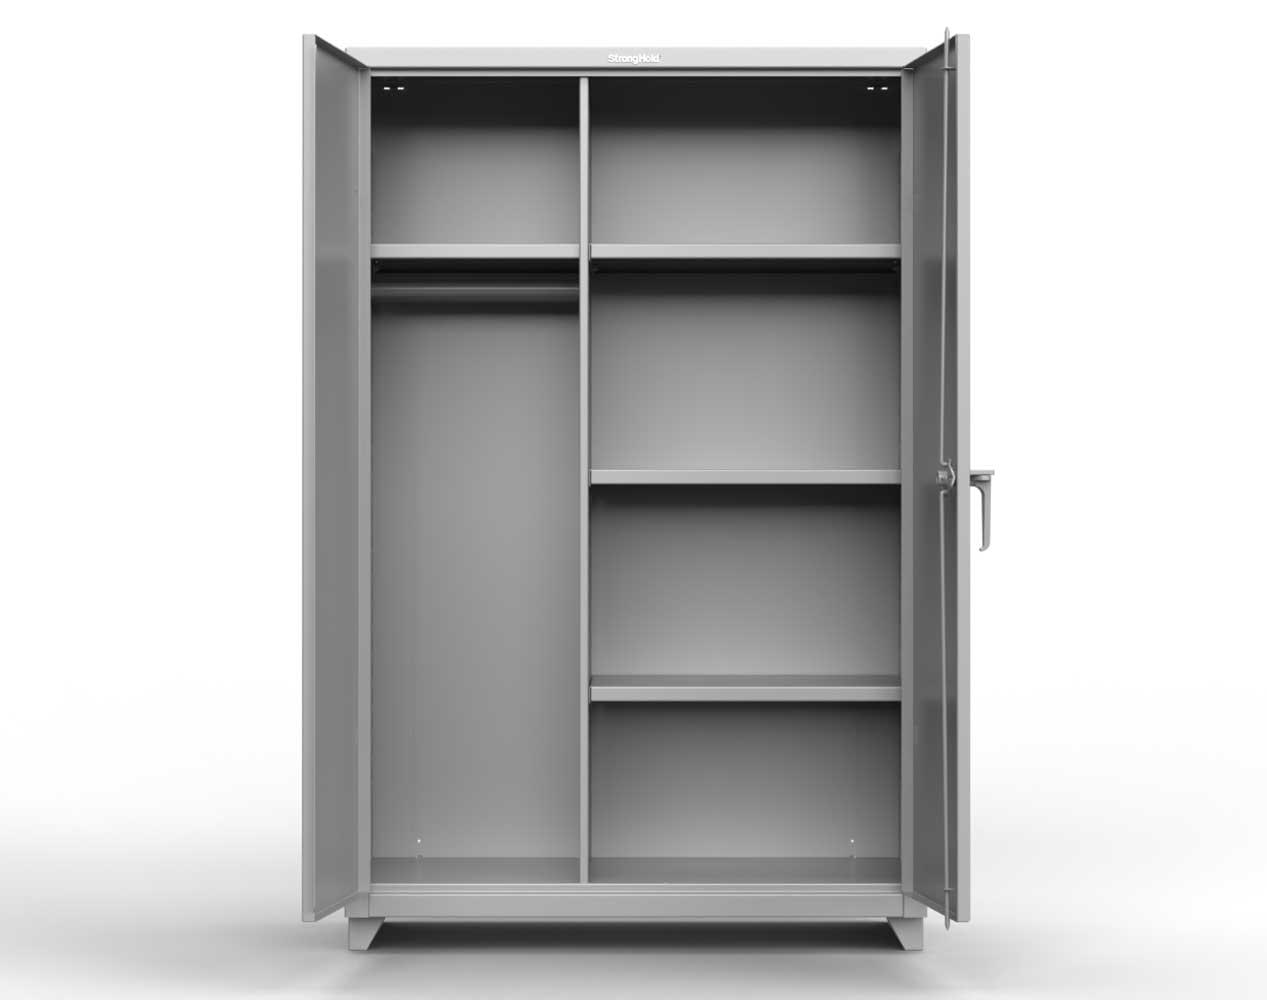 Heavy Duty 14 GA Wardrobe Cabinet with 5 Shelves – 36 In. W x 24 In. D x 75 In. H